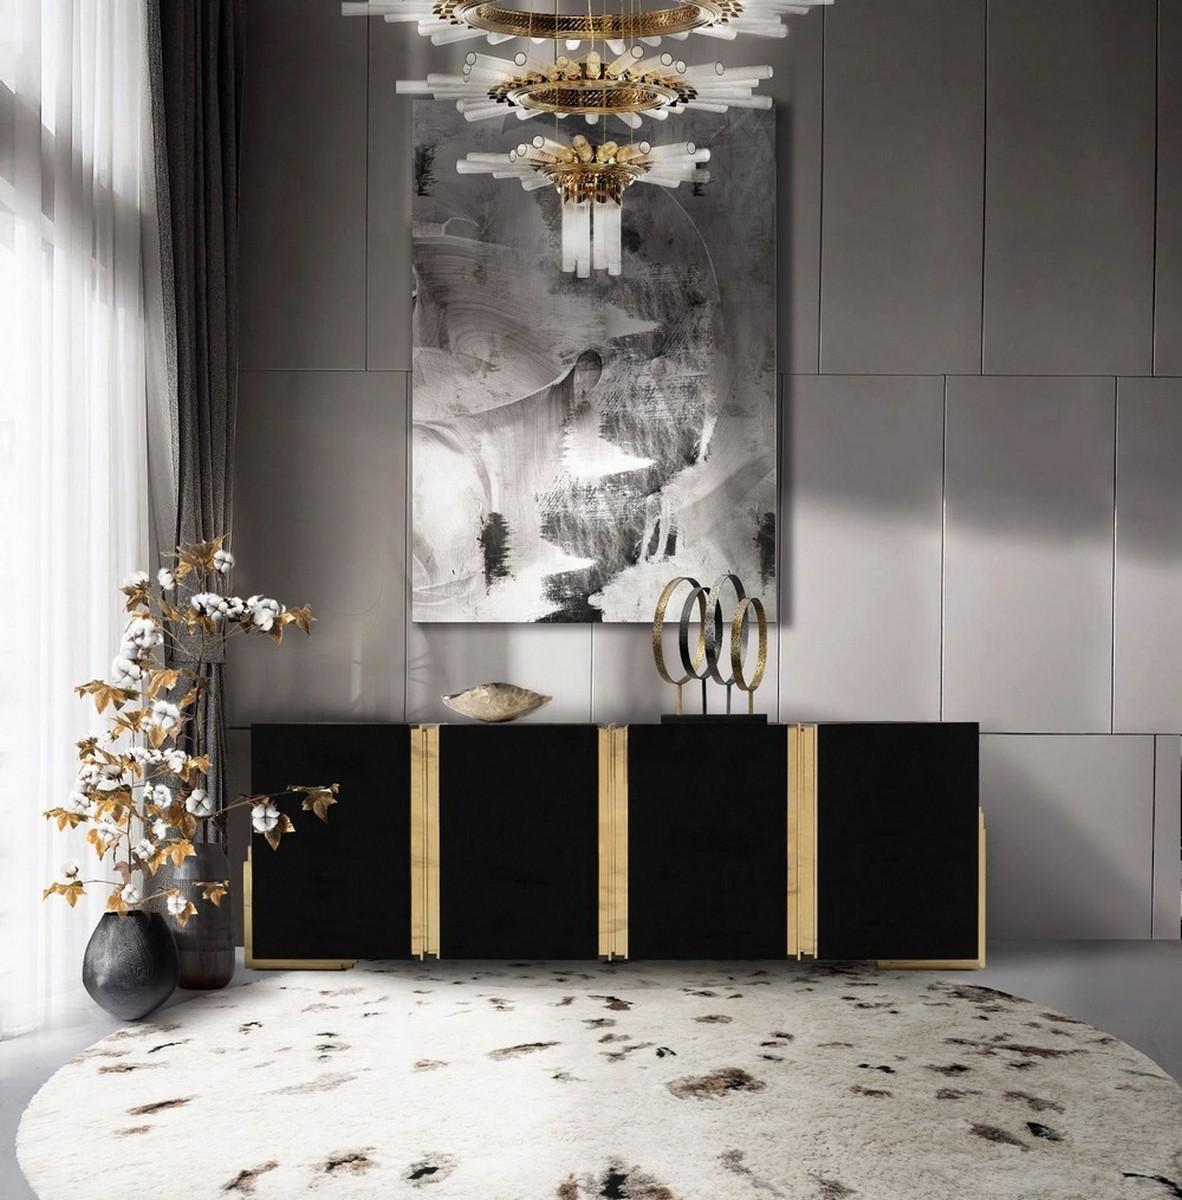 Aparadores lujuosos y elegantes: Color Negra es un misterio aparadores lujuosos Aparadores lujuosos y elegantes: Color Negra es un misterio 462da5e5d0fe869e112aca9ac1a36ced 1